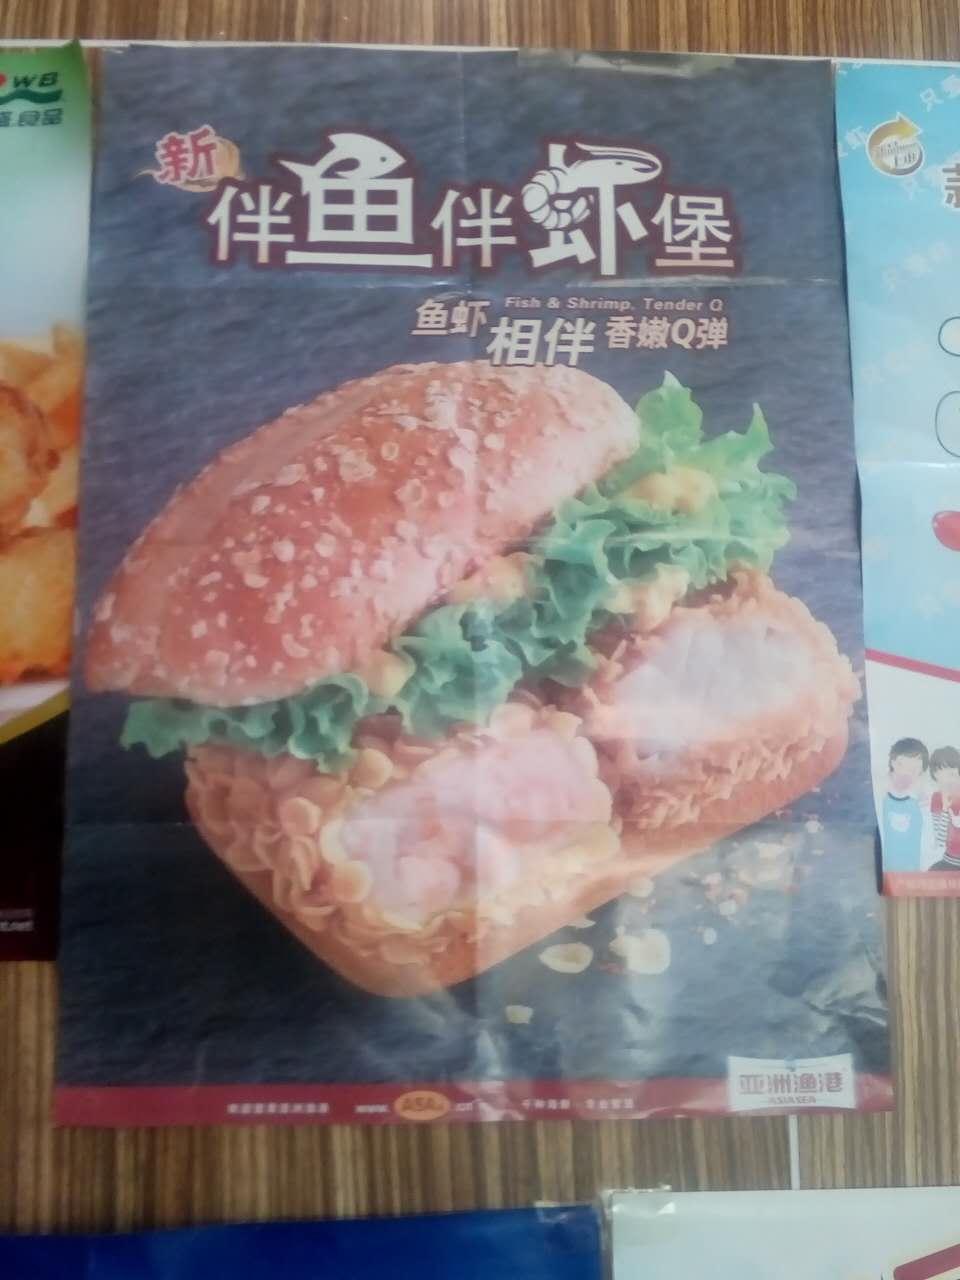 鸡东快餐店休闲食品 伴鱼伴虾堡经营直销 优质原料